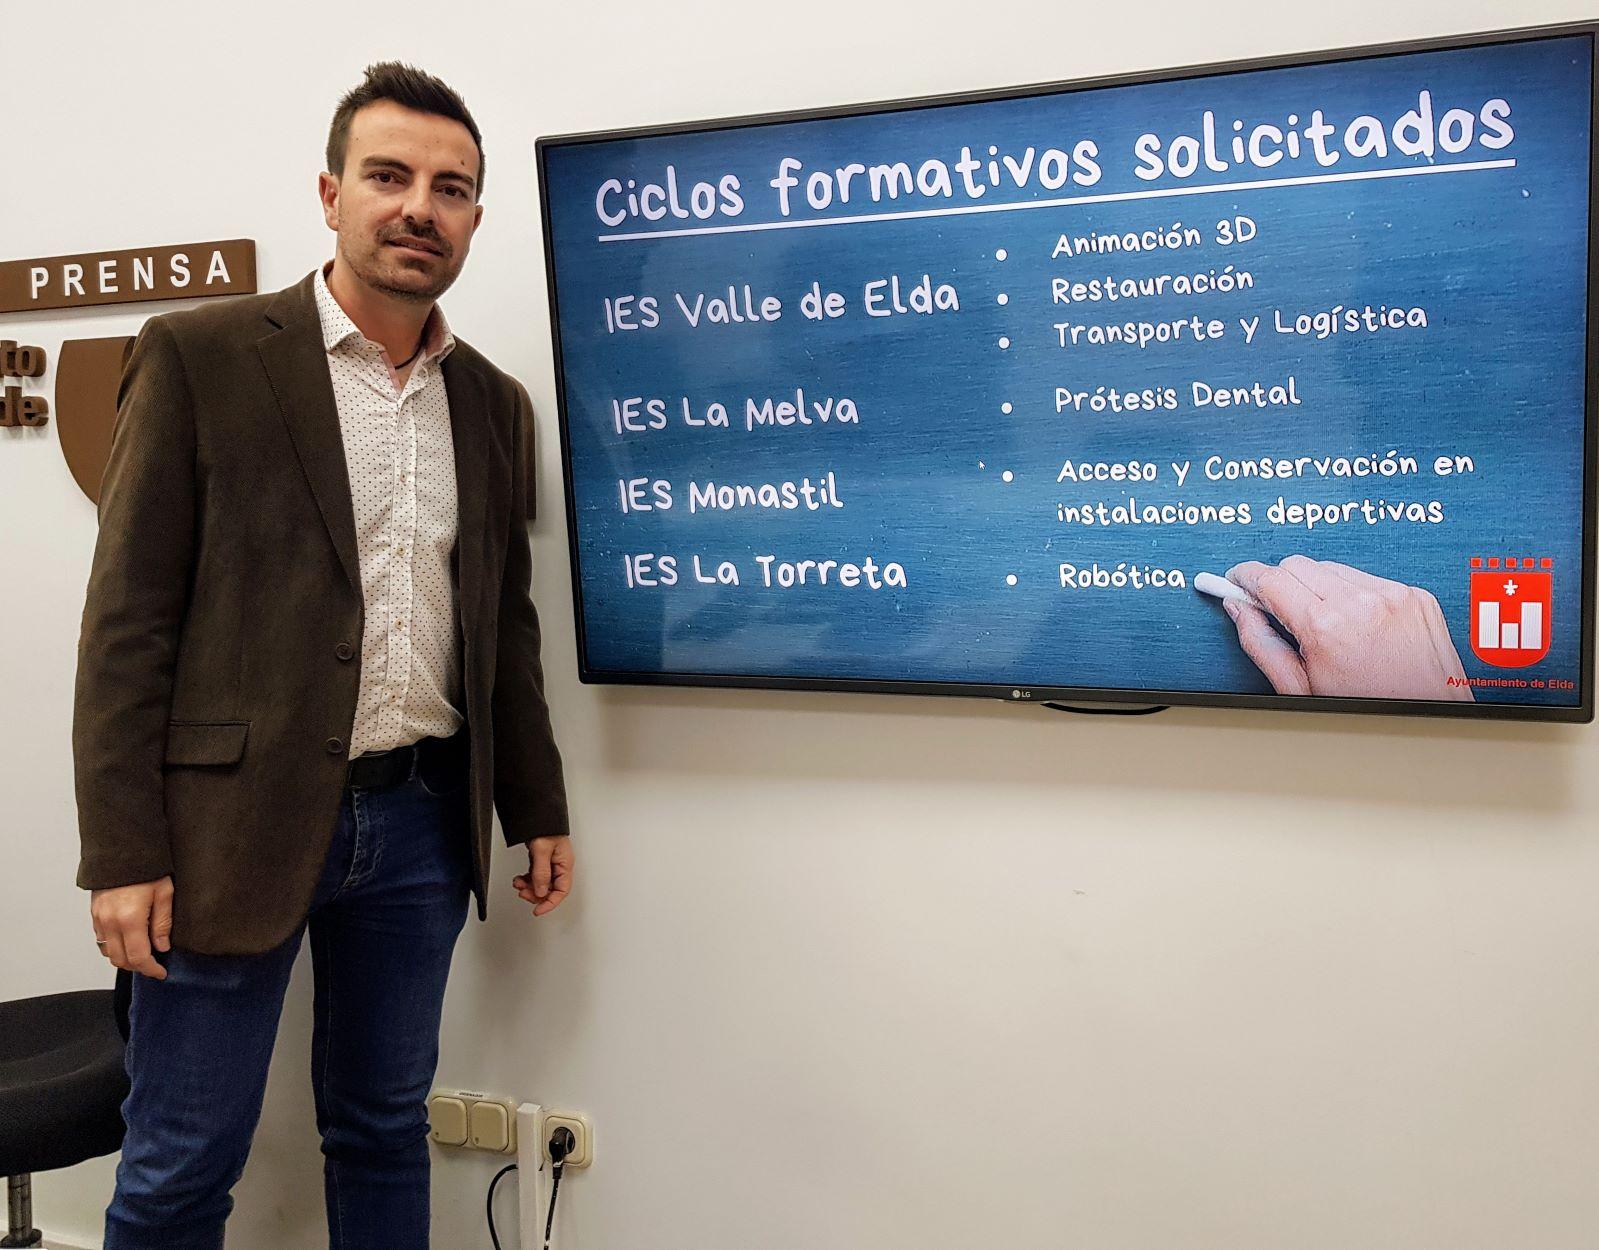 El Ayuntamiento de Elda solicita la implantación de seis nuevos ciclos formativos de FP en los institutos de la ciudad